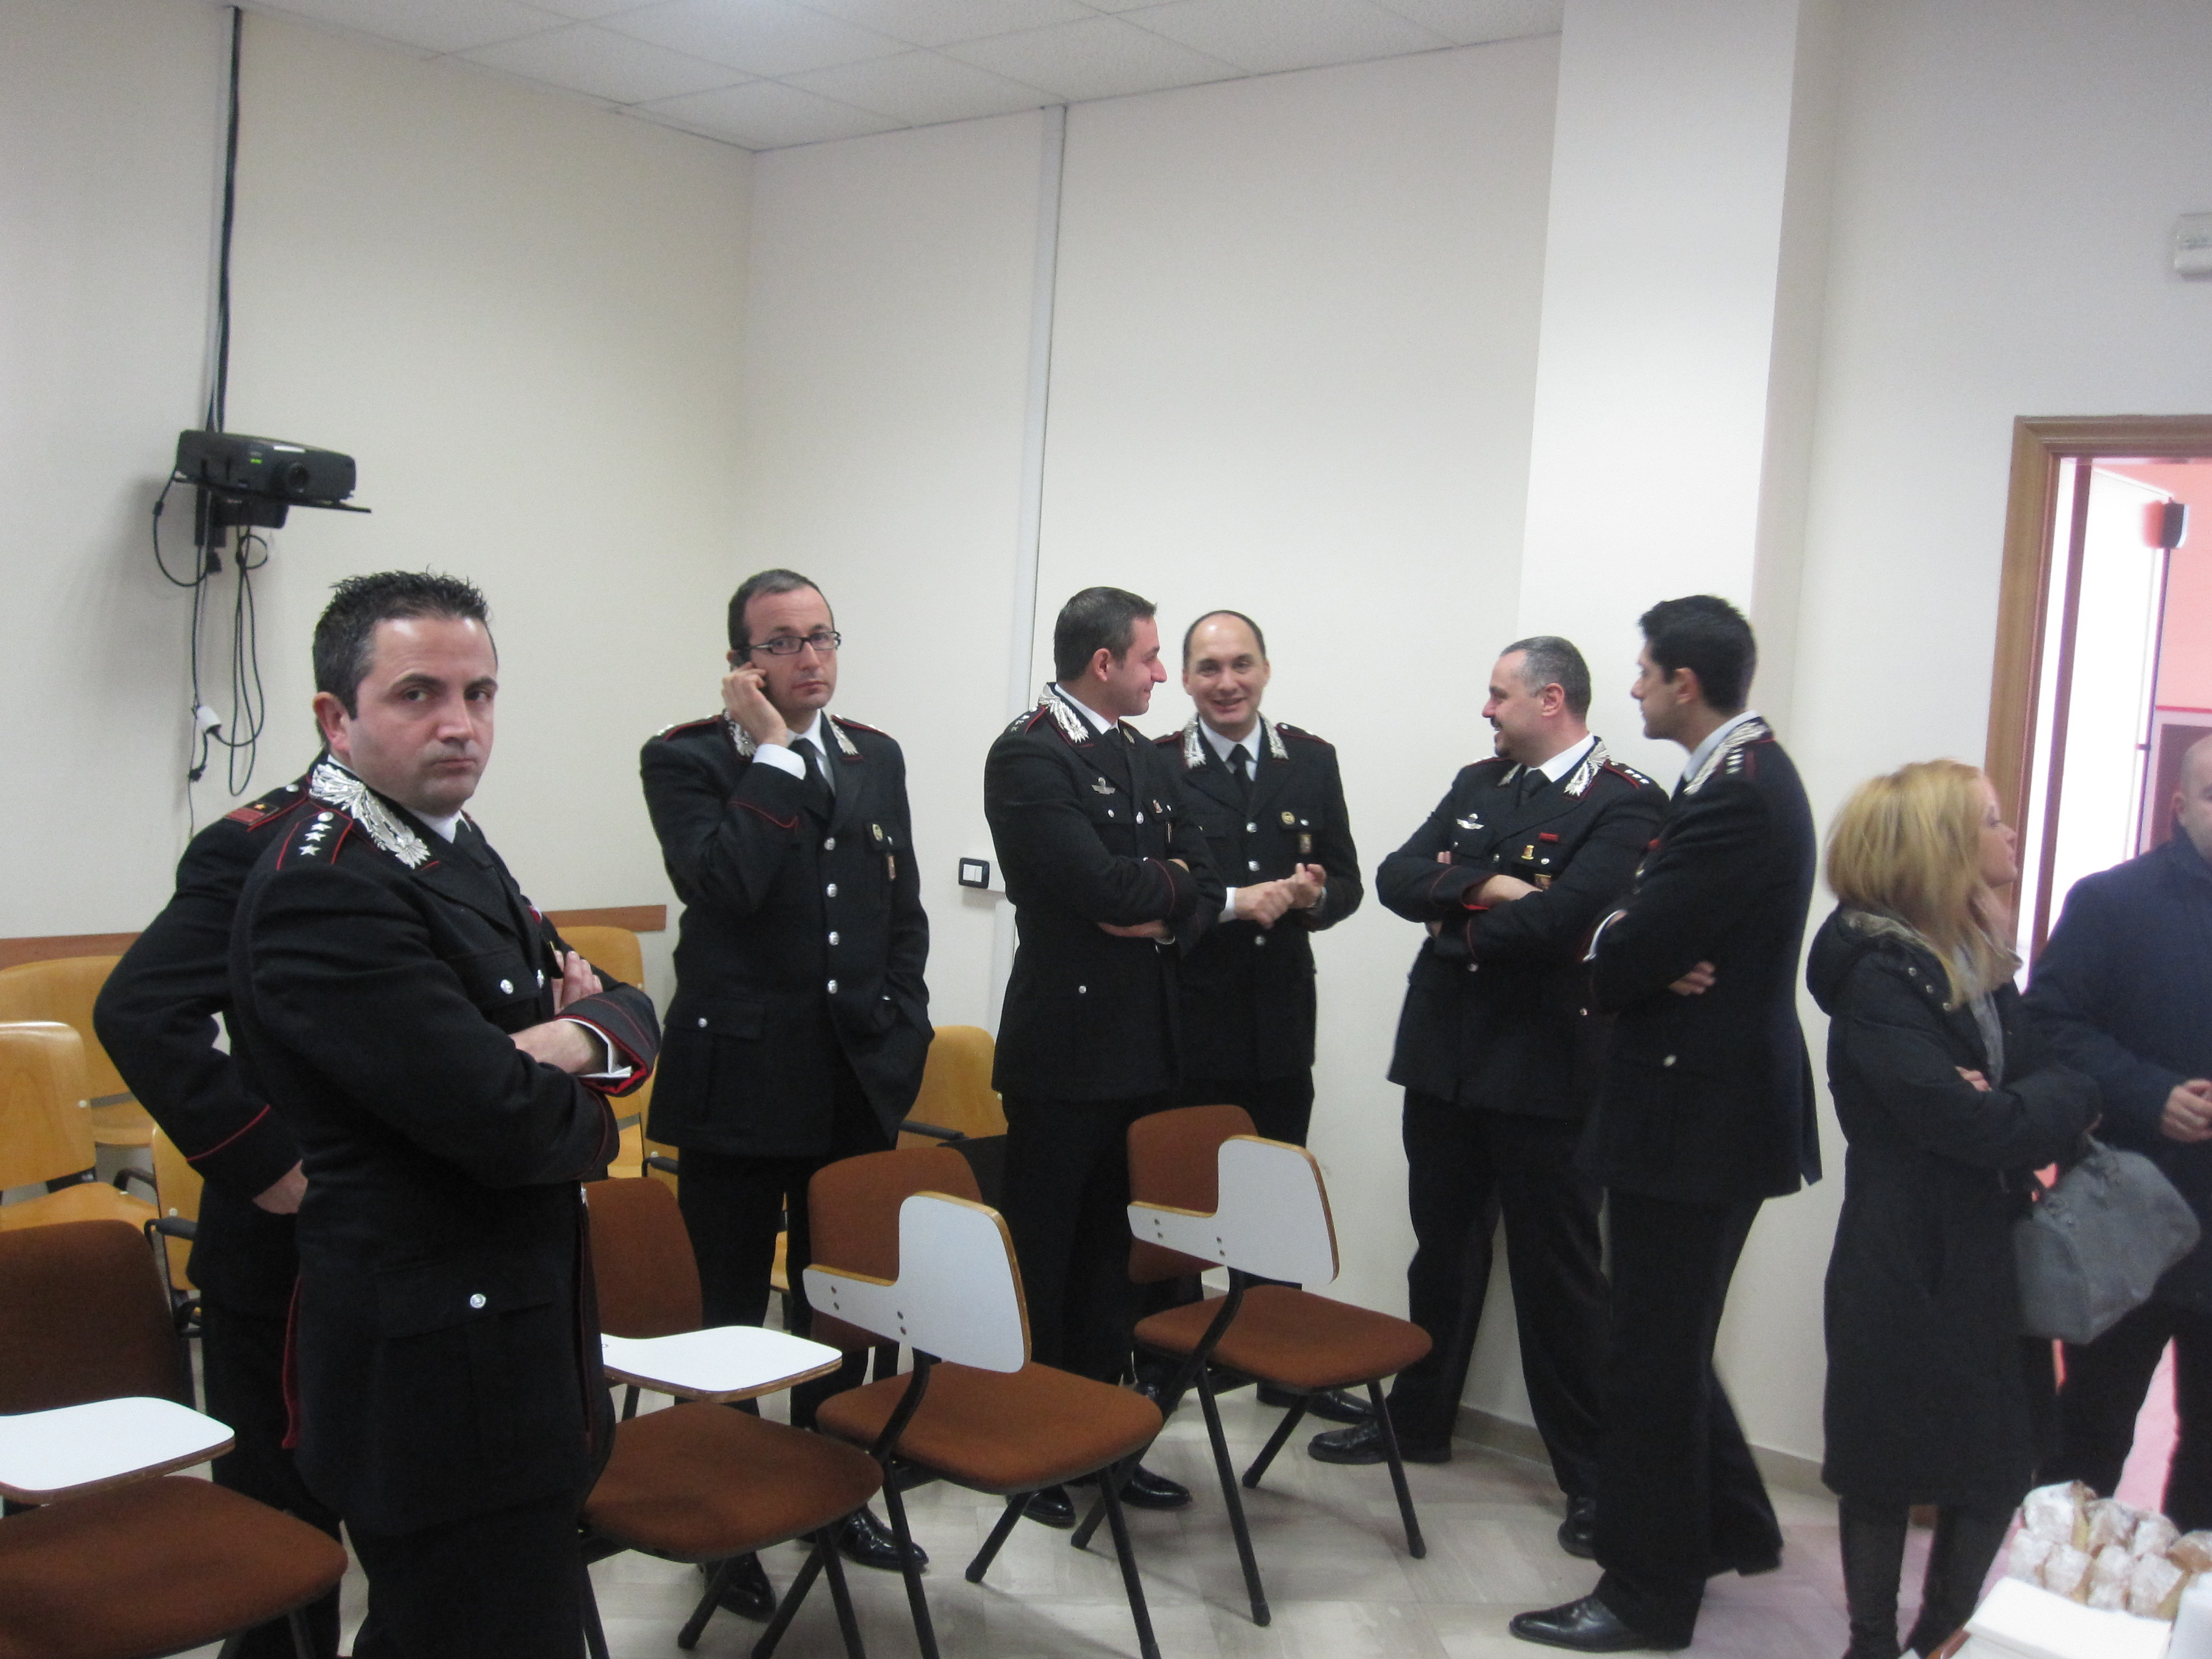 Bilancio 2011 Cc Foggia, rischio rapine e omicidi. In calo ...